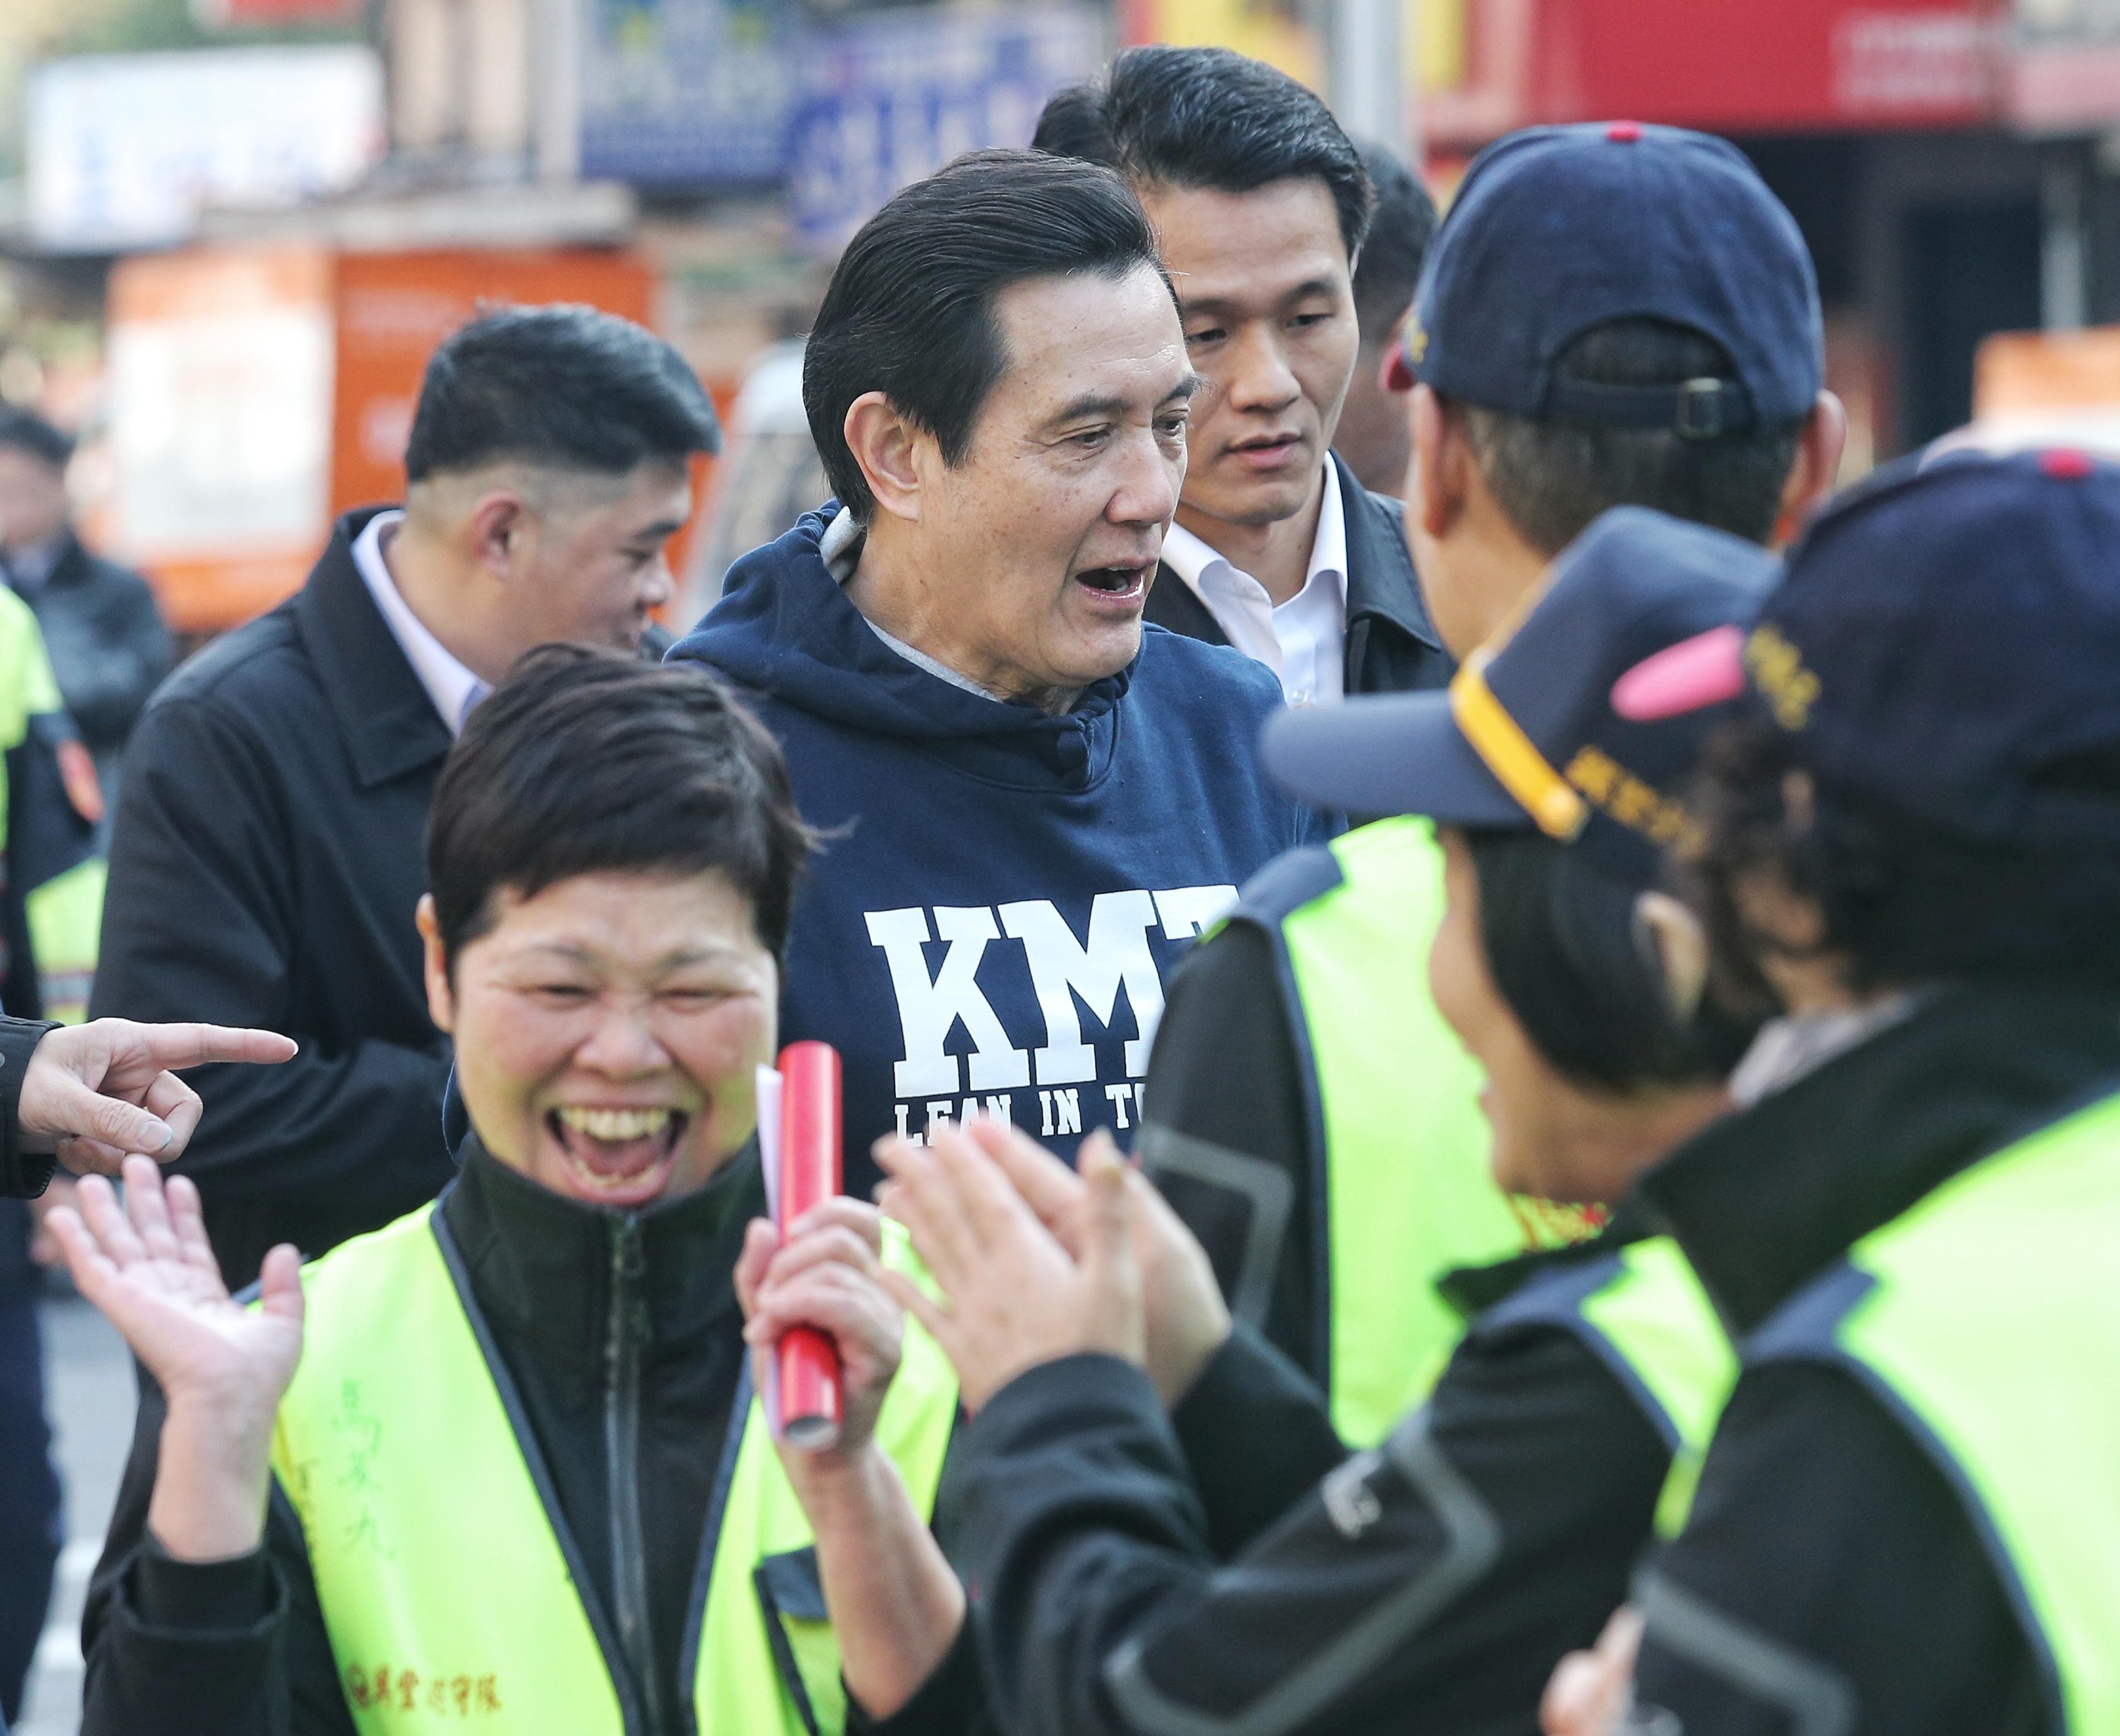 前總統馬英九今天到興隆市場買年菜、發春聯。(記者鄭清元/攝影)